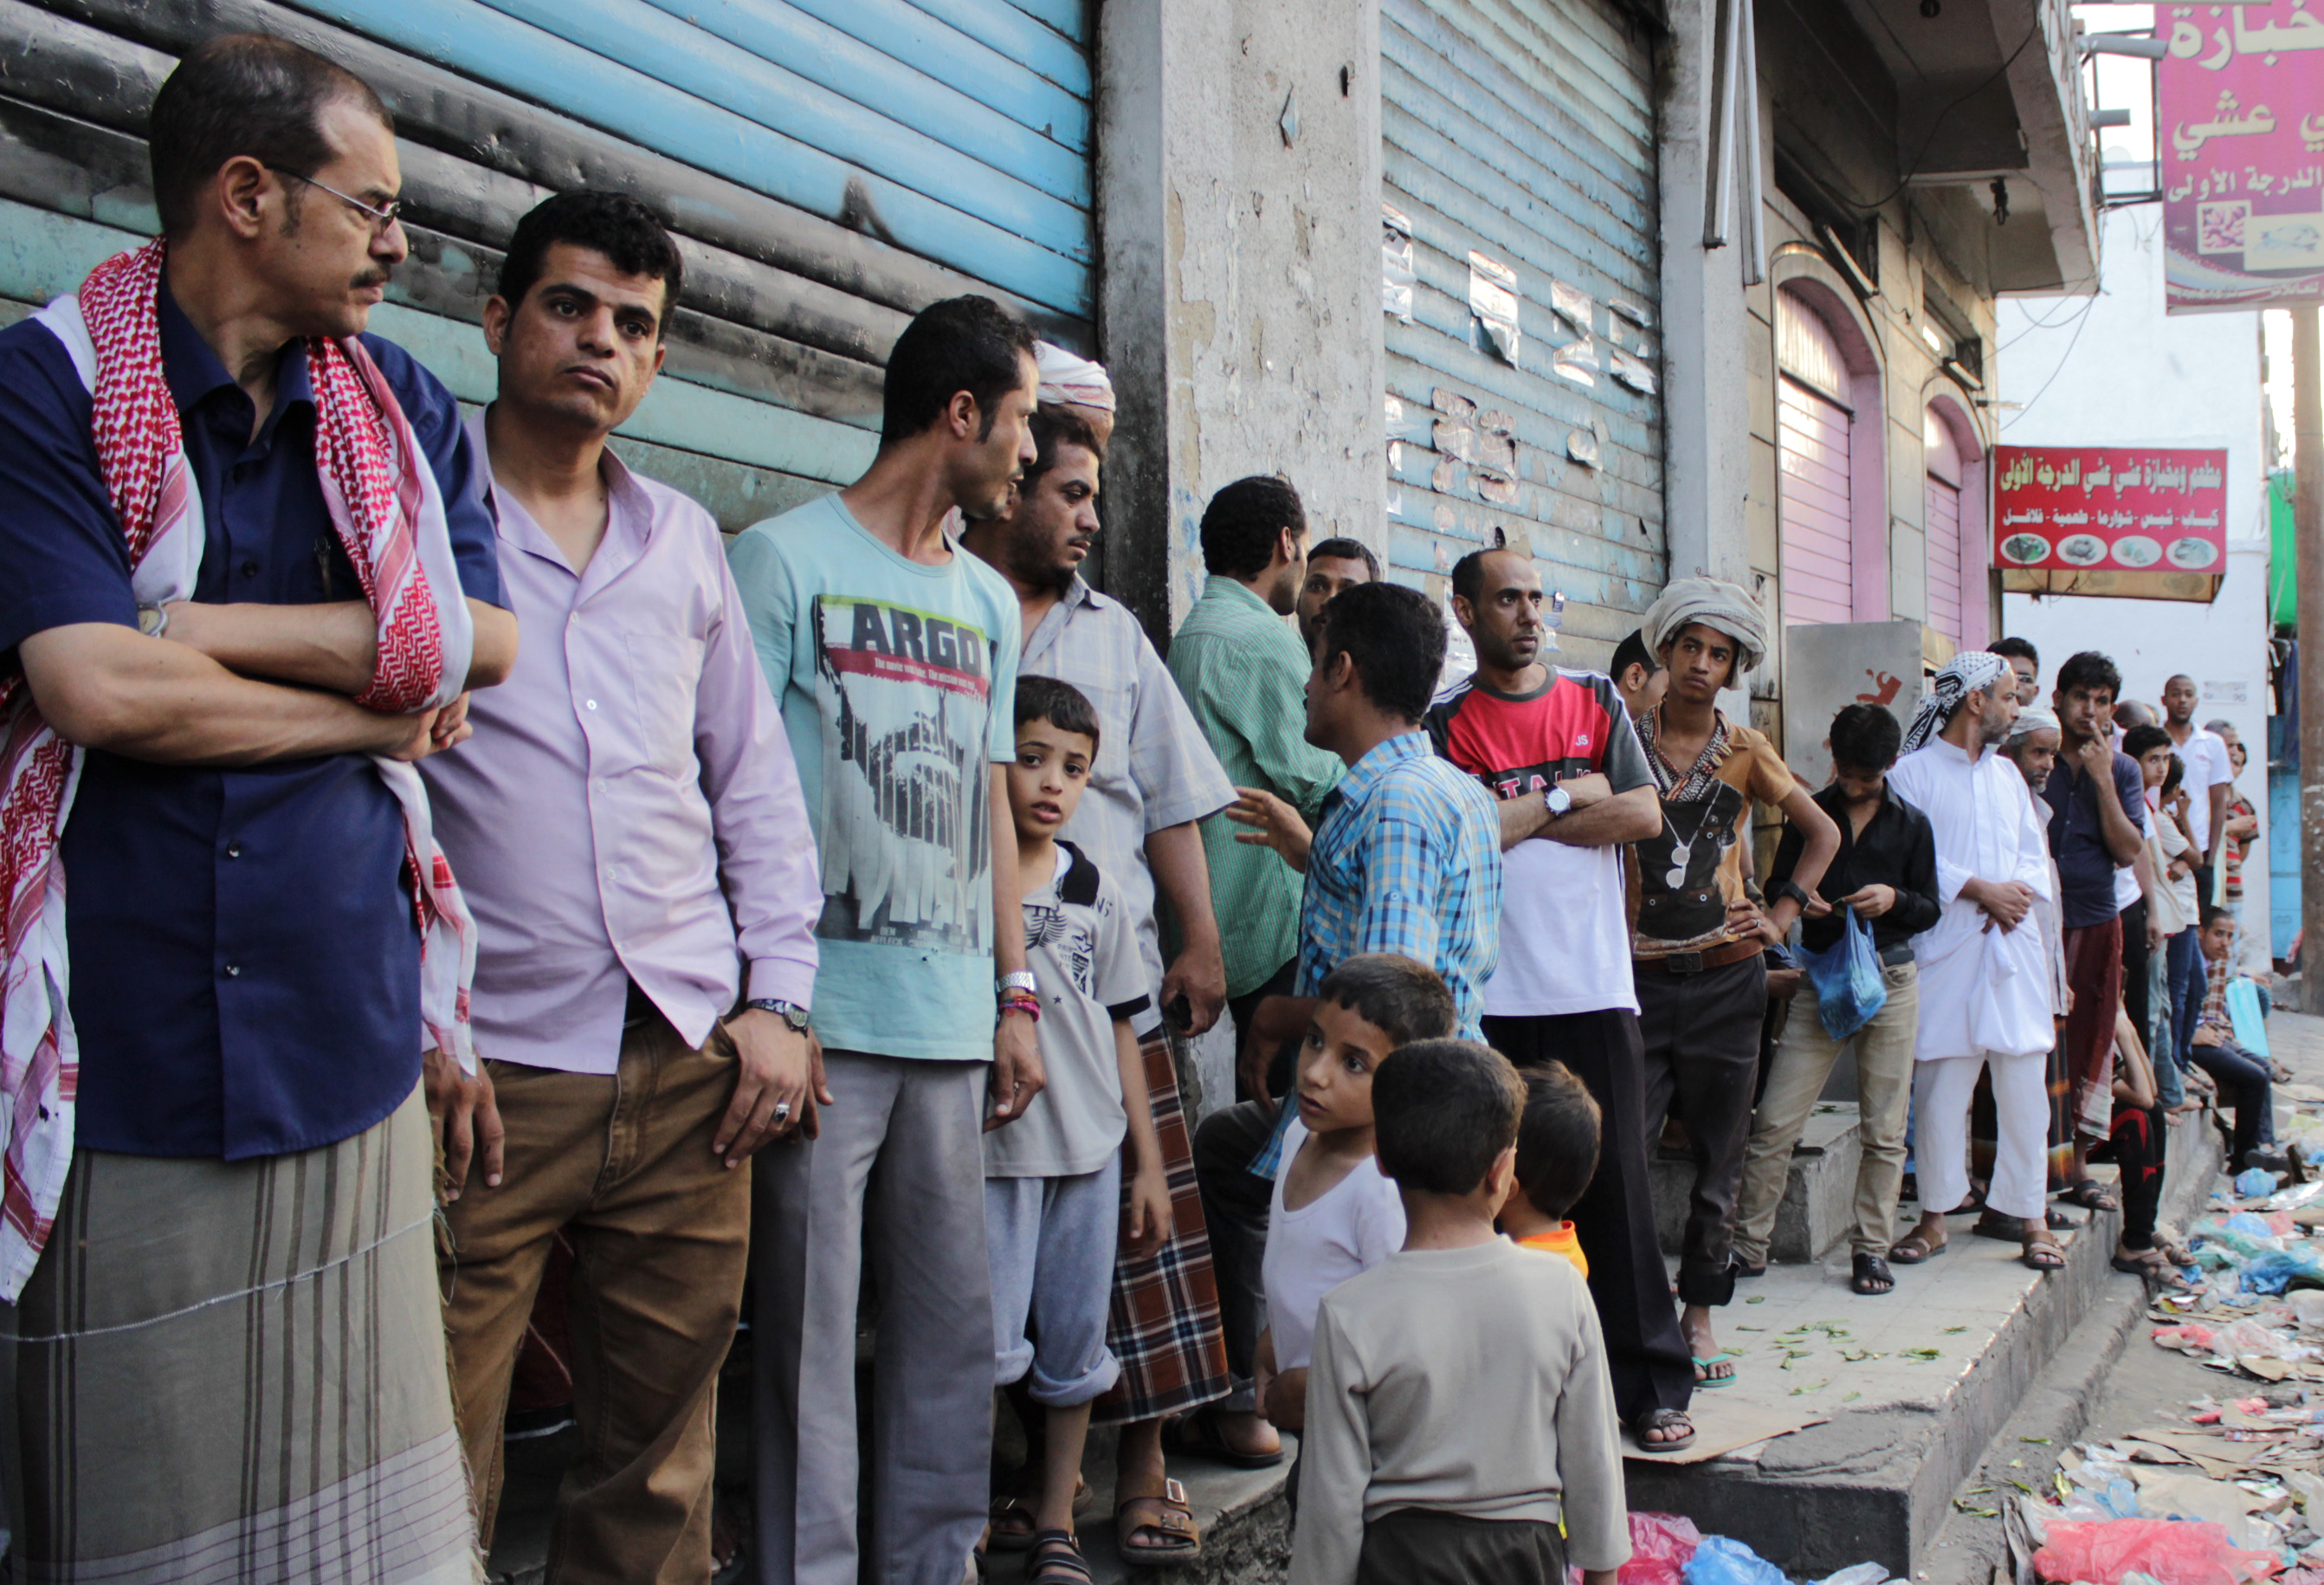 يمنيون يقفون في طابور الحصول على المساعدات الإنسانية